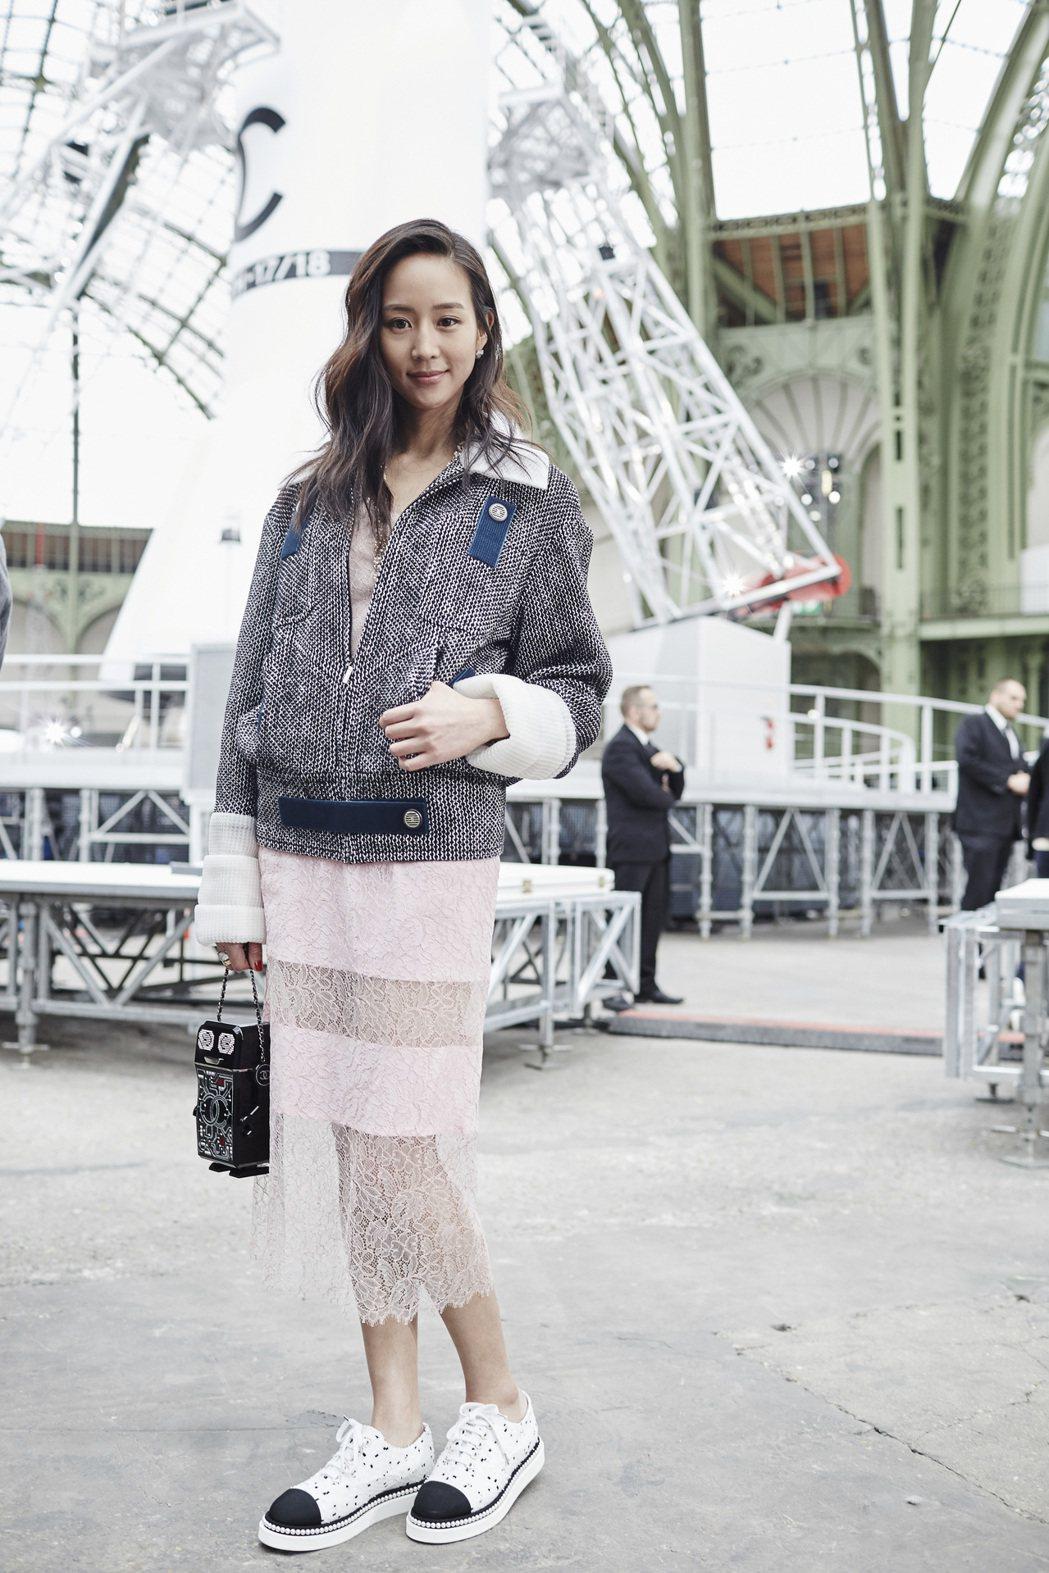 張鈞甯穿著香奈兒2017春夏系列的黑白與深藍魔鬼氈拉鍊外套,內搭粉紅色縐綢蕾絲裙